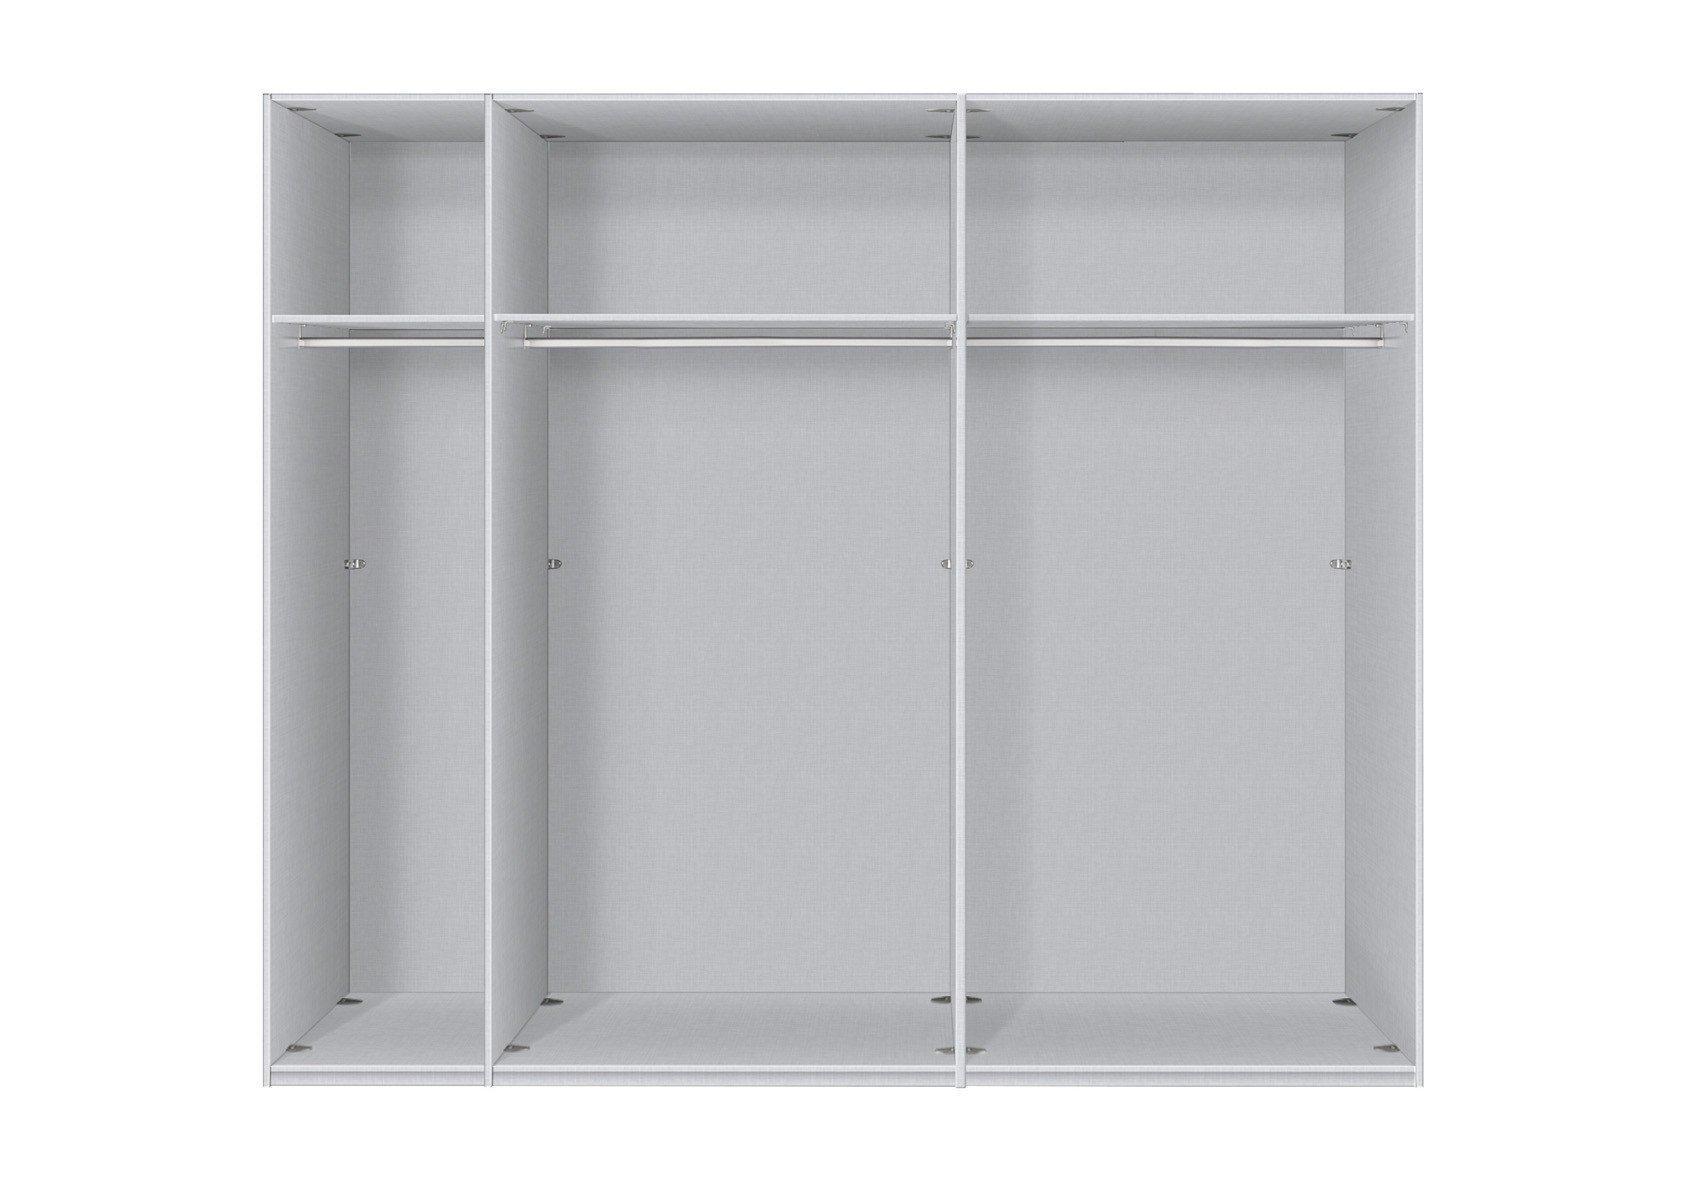 tolle ausgefallene kleiderschr nke galerie die kinderzimmer design ideen. Black Bedroom Furniture Sets. Home Design Ideas